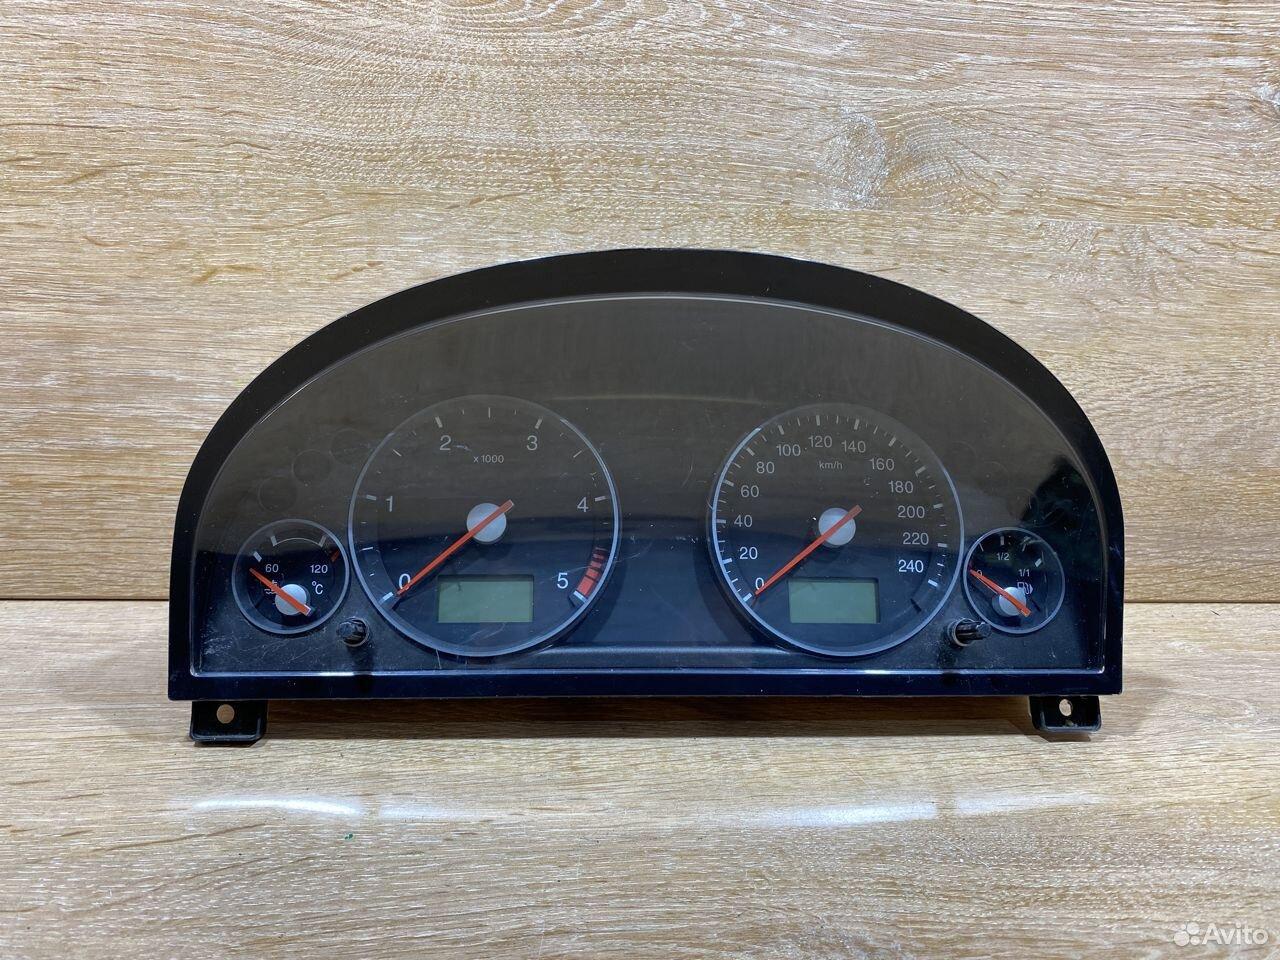 Панель приборов Ford Mondeo 3 дизель 772099  89534684247 купить 1